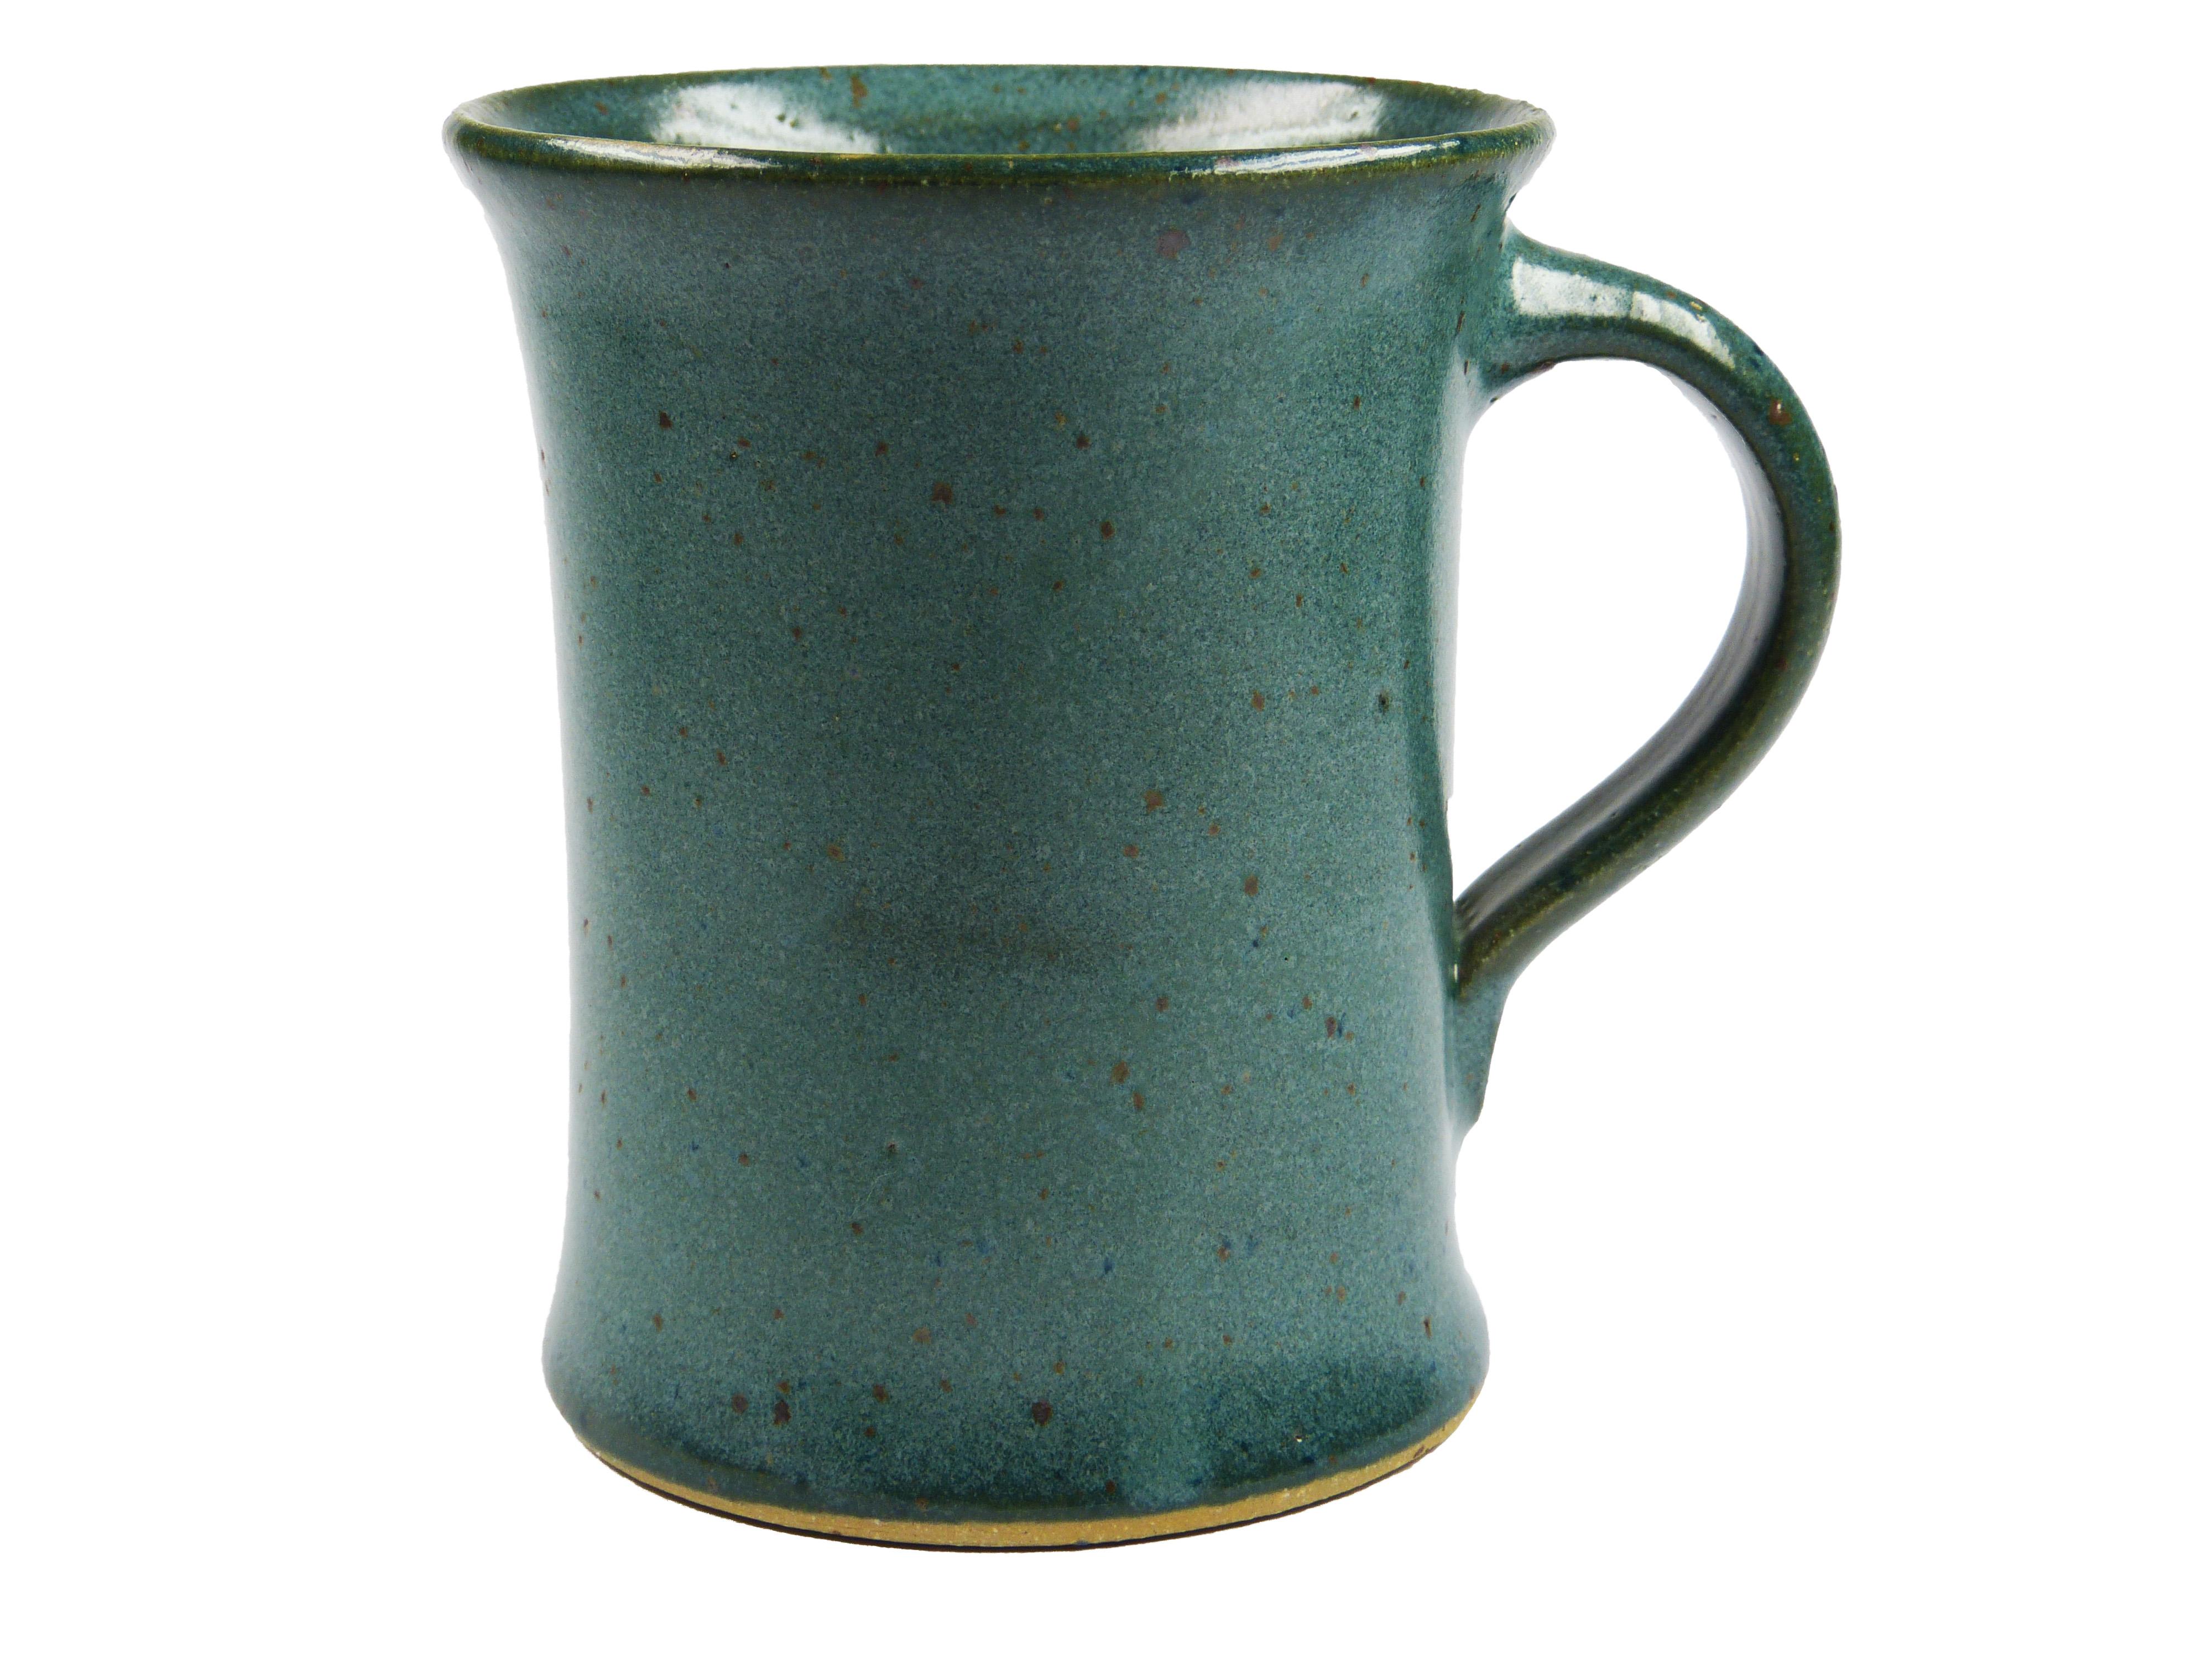 Tasse-gerade-grn3.jpg